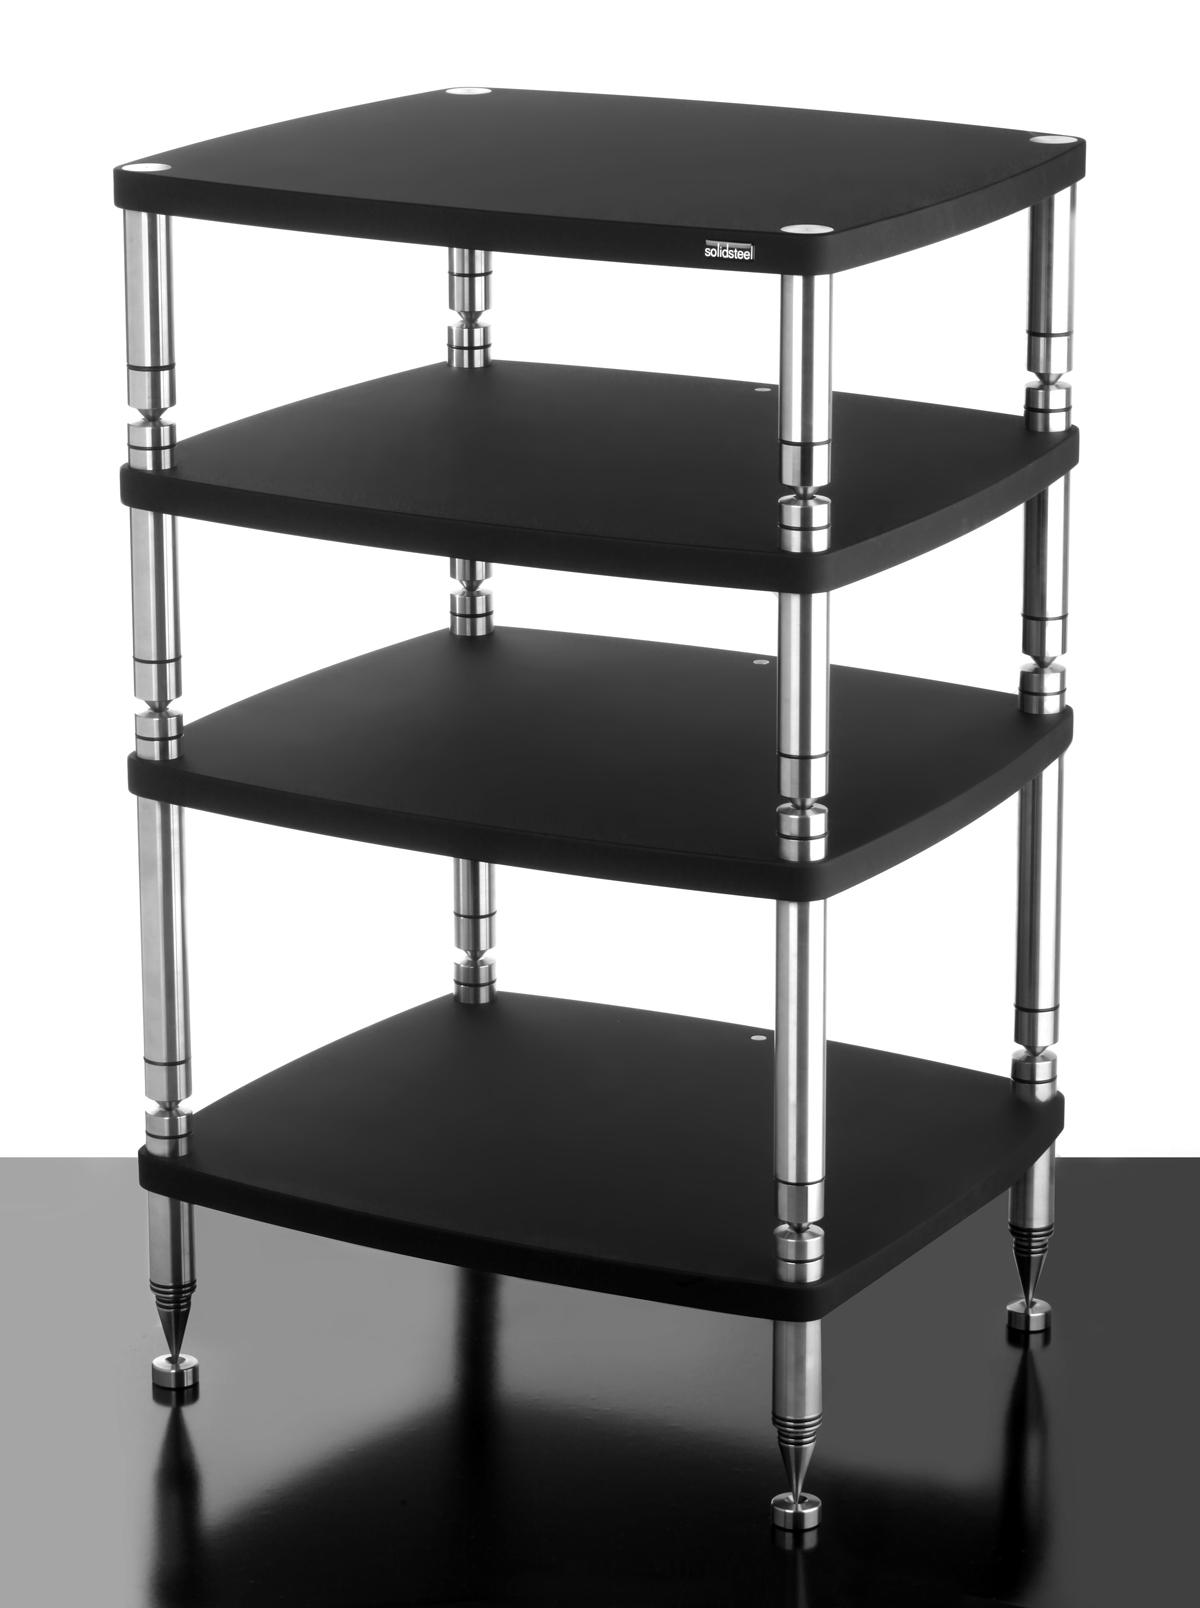 Solidsteel HF Series Black